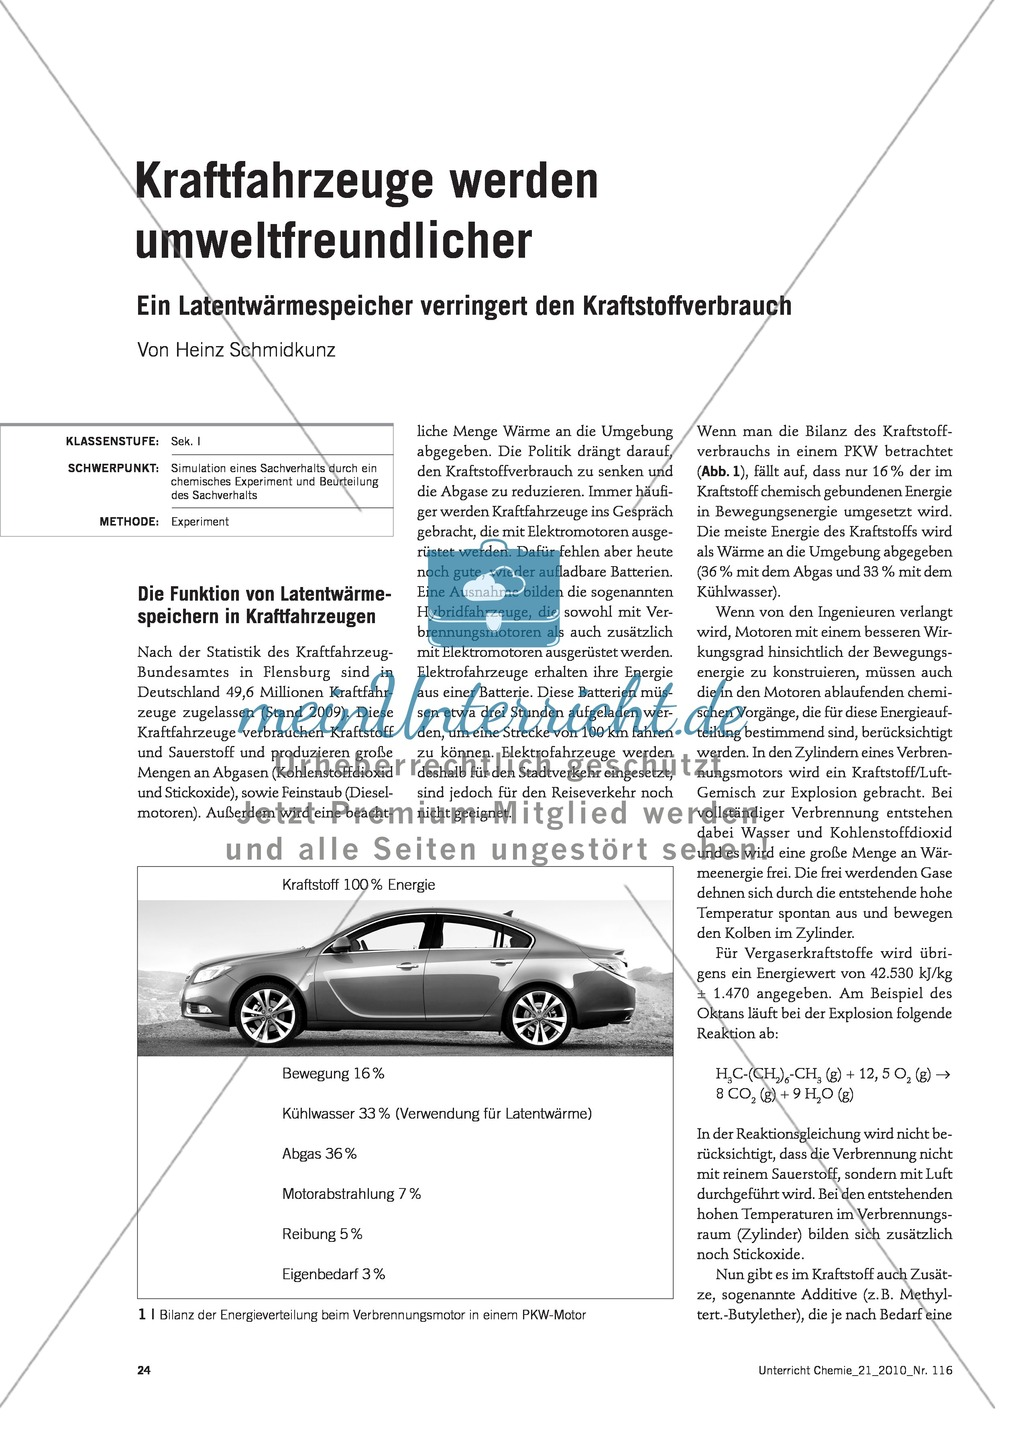 Latentwärmespeicher in Kraftfahrzeugen - Funktion, Material und Umsetzung im Unterricht Preview 1